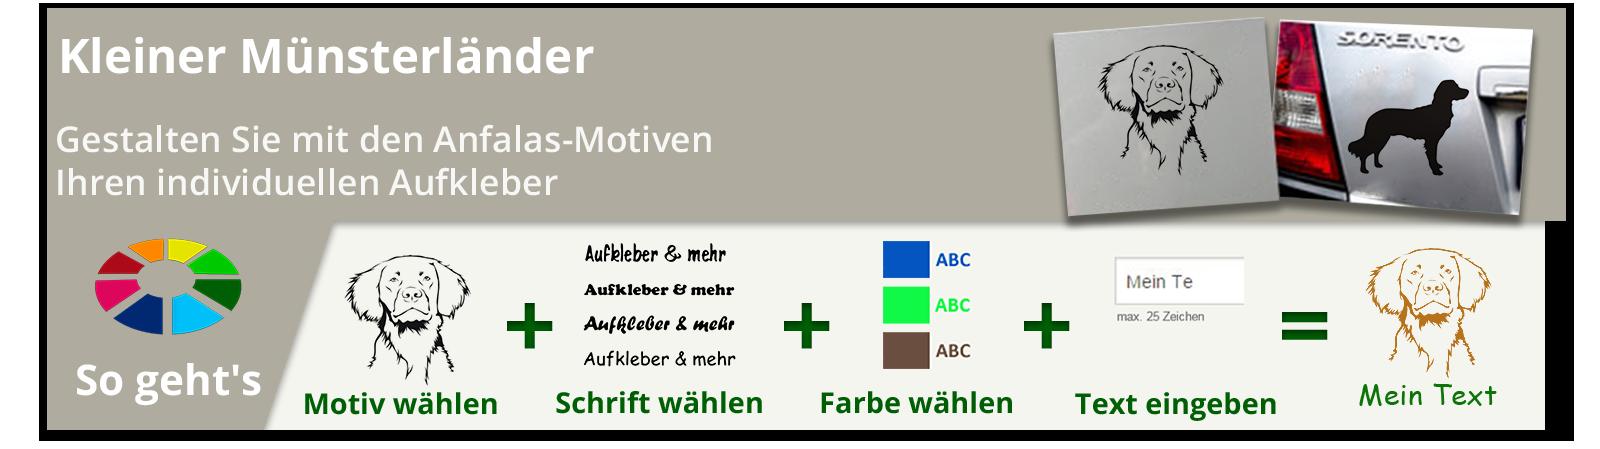 Kleiner Münsterländer Aufkleber